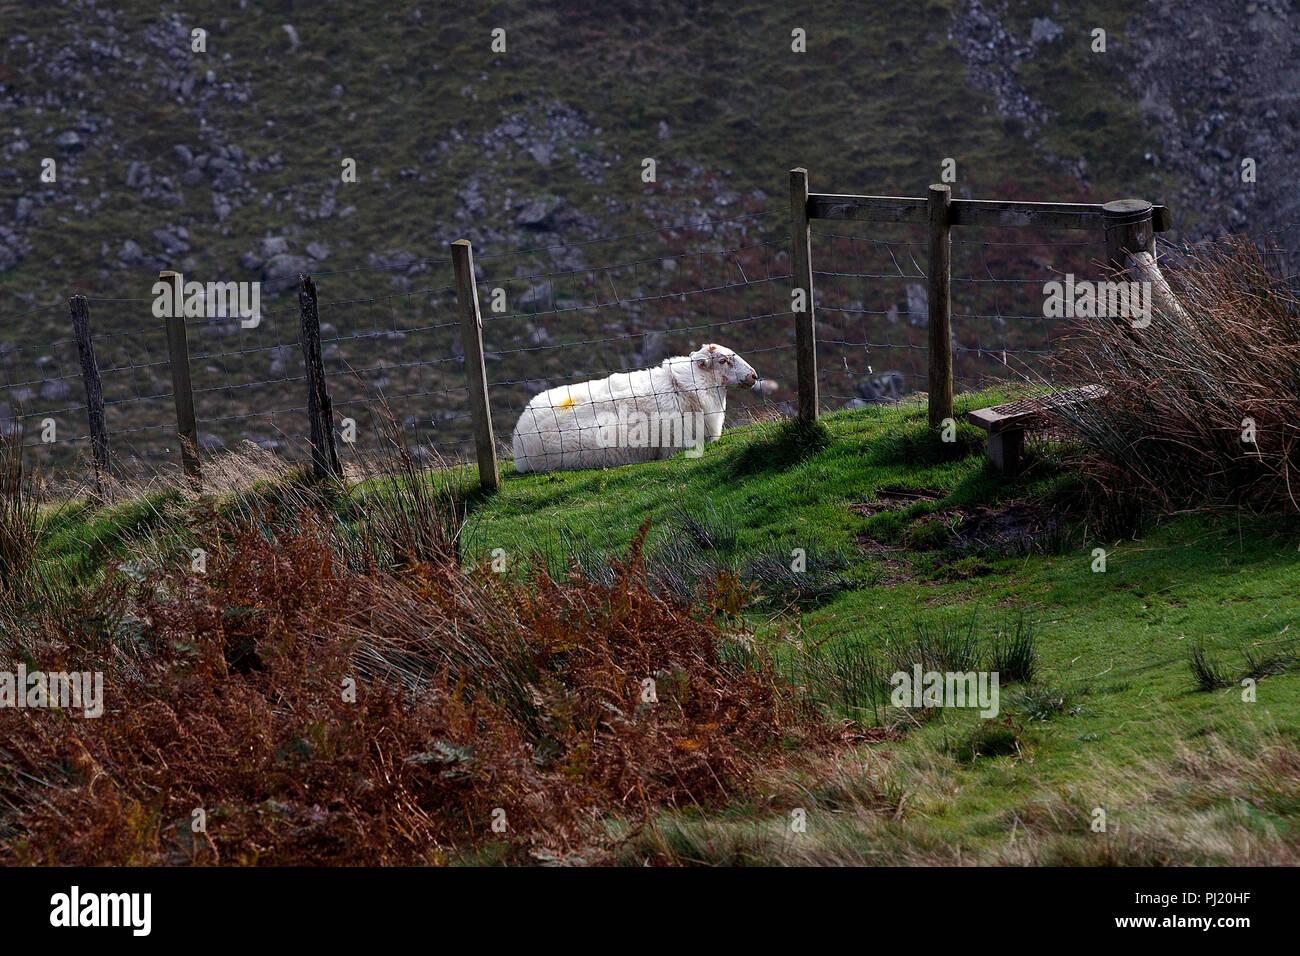 Sheep on hillside, Cad West, Machynlleth Loop, near Dolgellau, Wales, United Kingdom Stock Photo